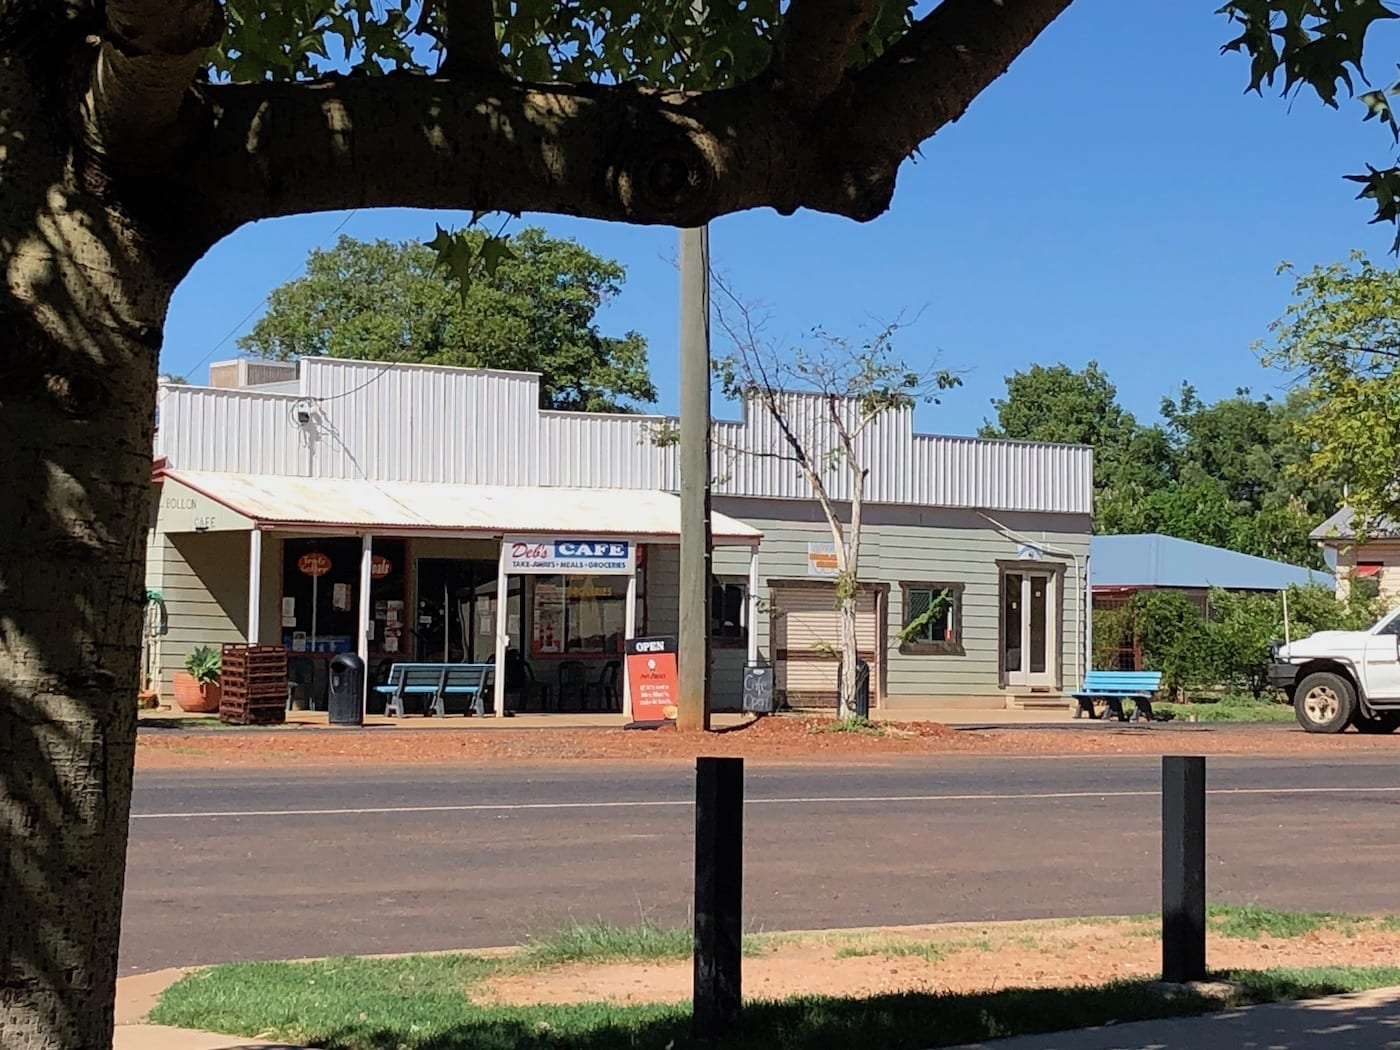 Debs Cafe at Bollon QLD.